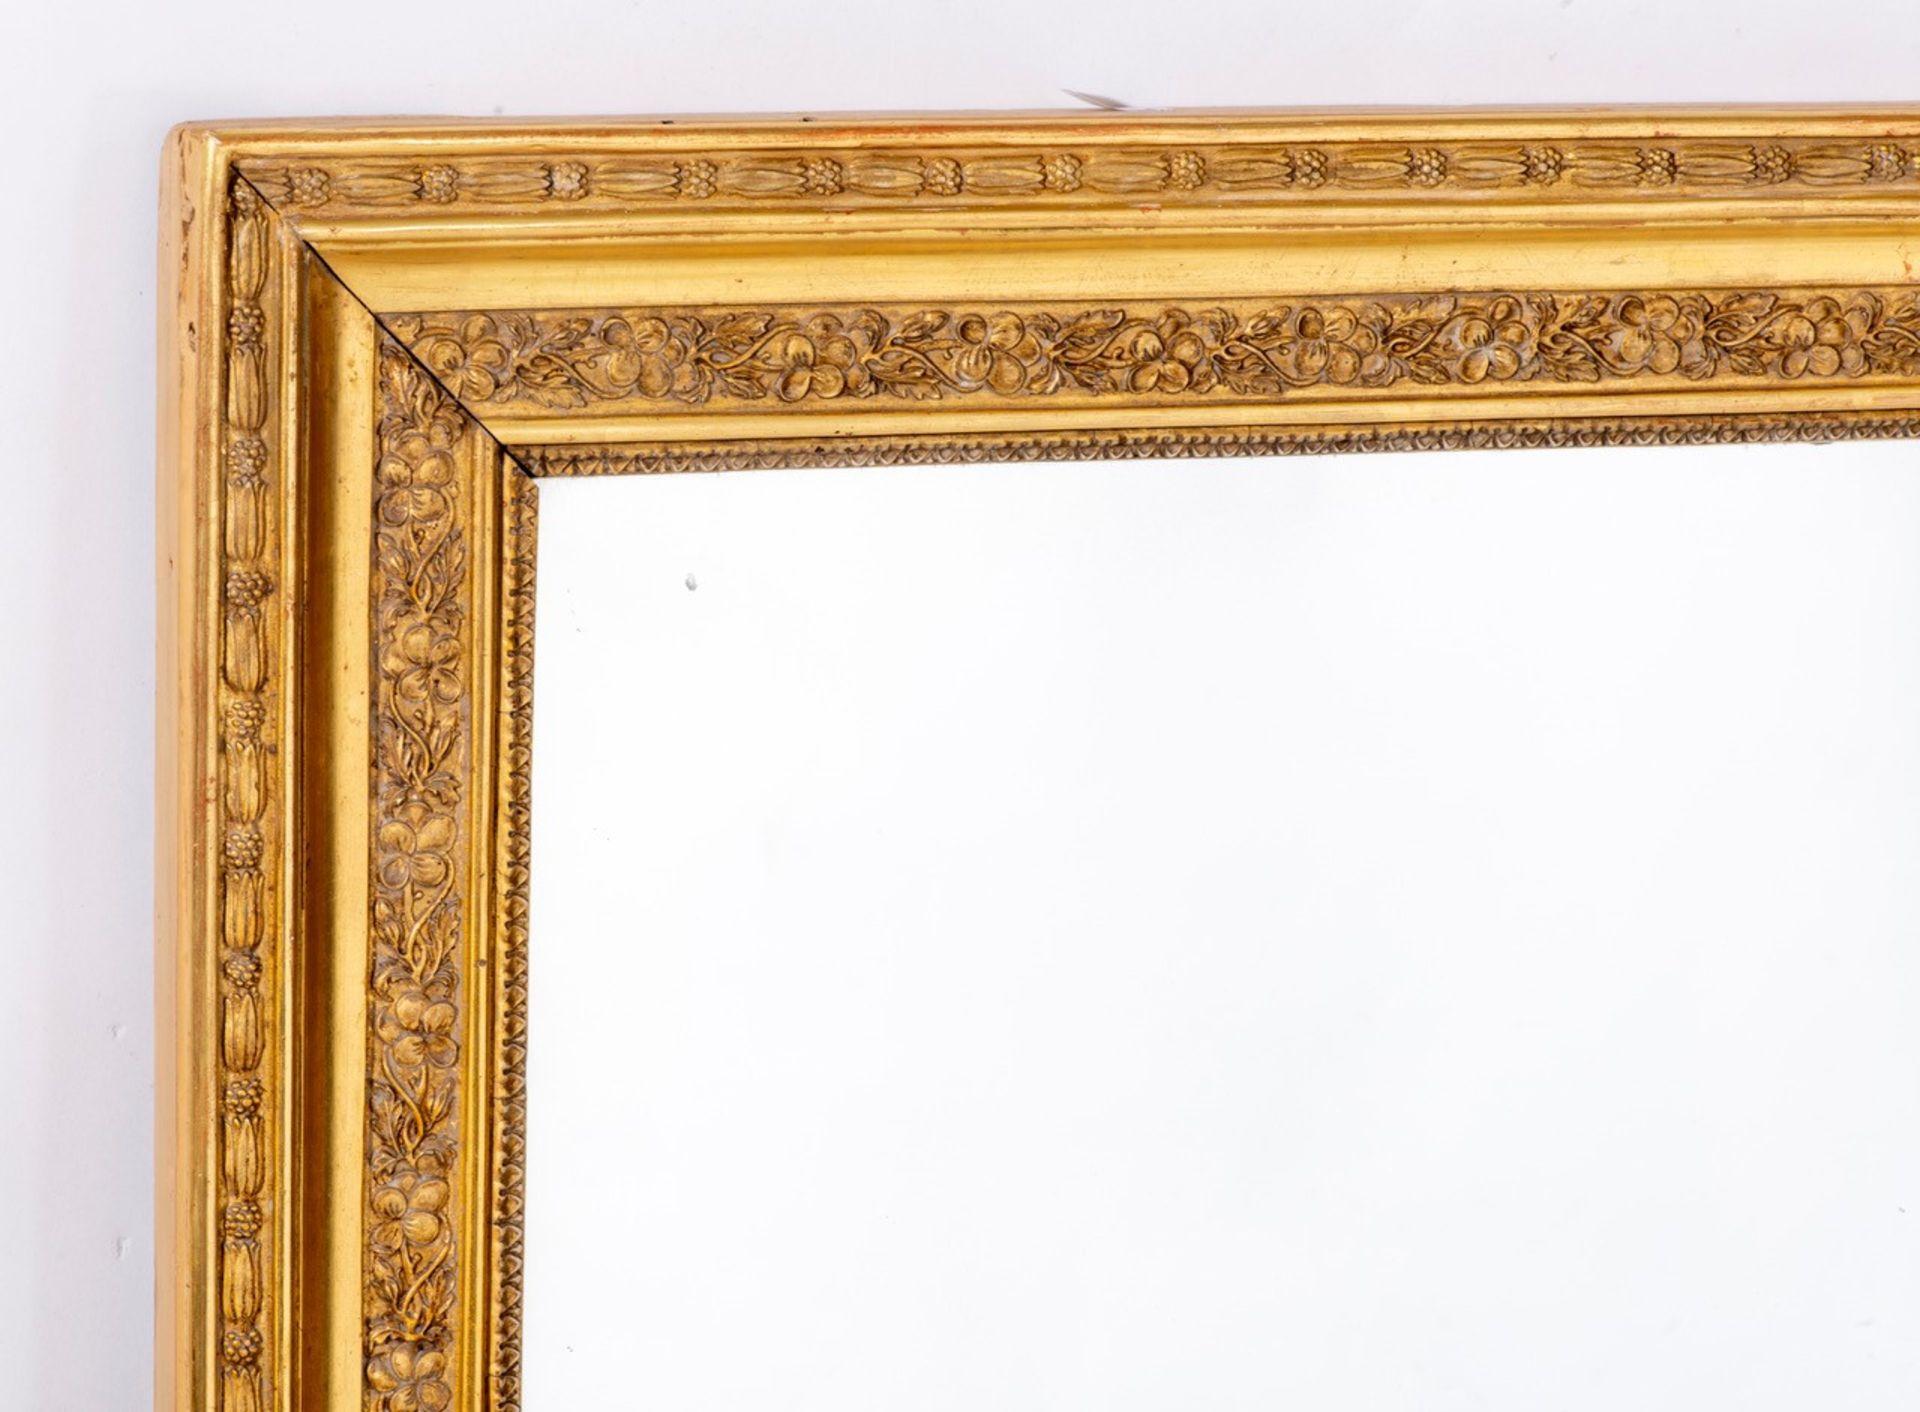 Miroir à cadre en stuc doré rectangulaire d'époque Nap. III, glace au mercure - Bild 2 aus 3